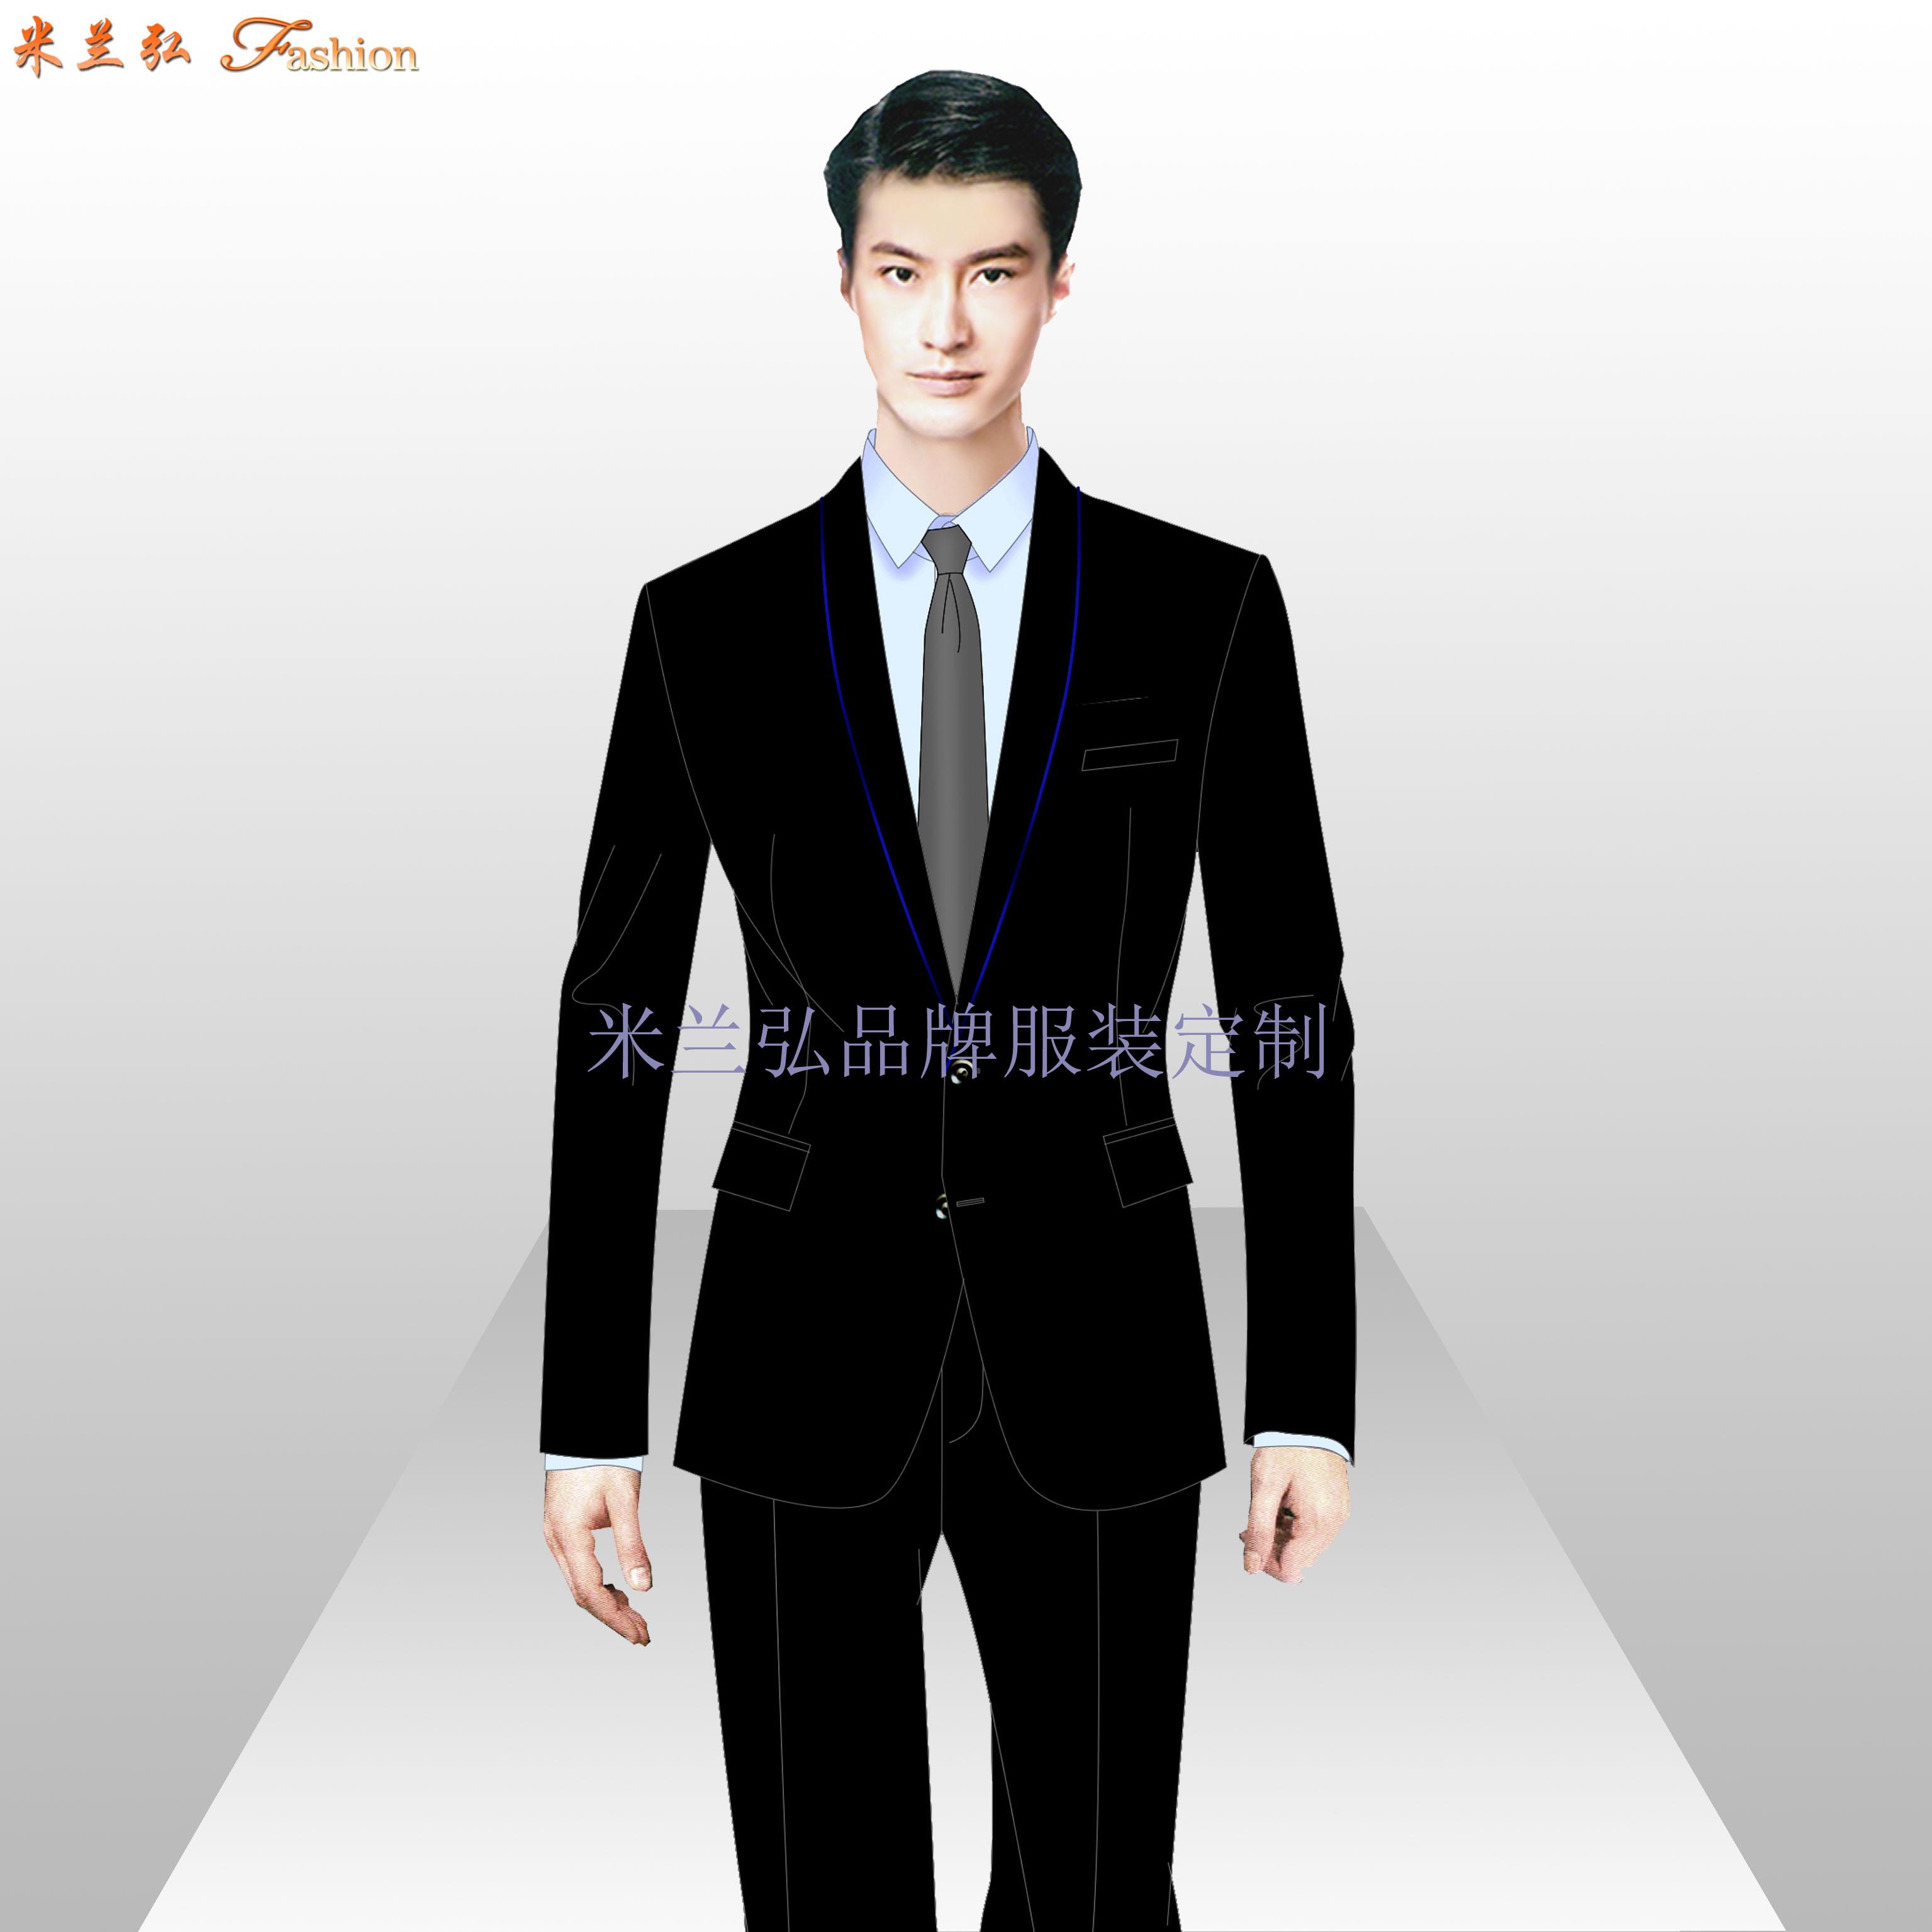 北京西服定做-企業訂制80S支工裝毛滌西服-米蘭弘廠家-4